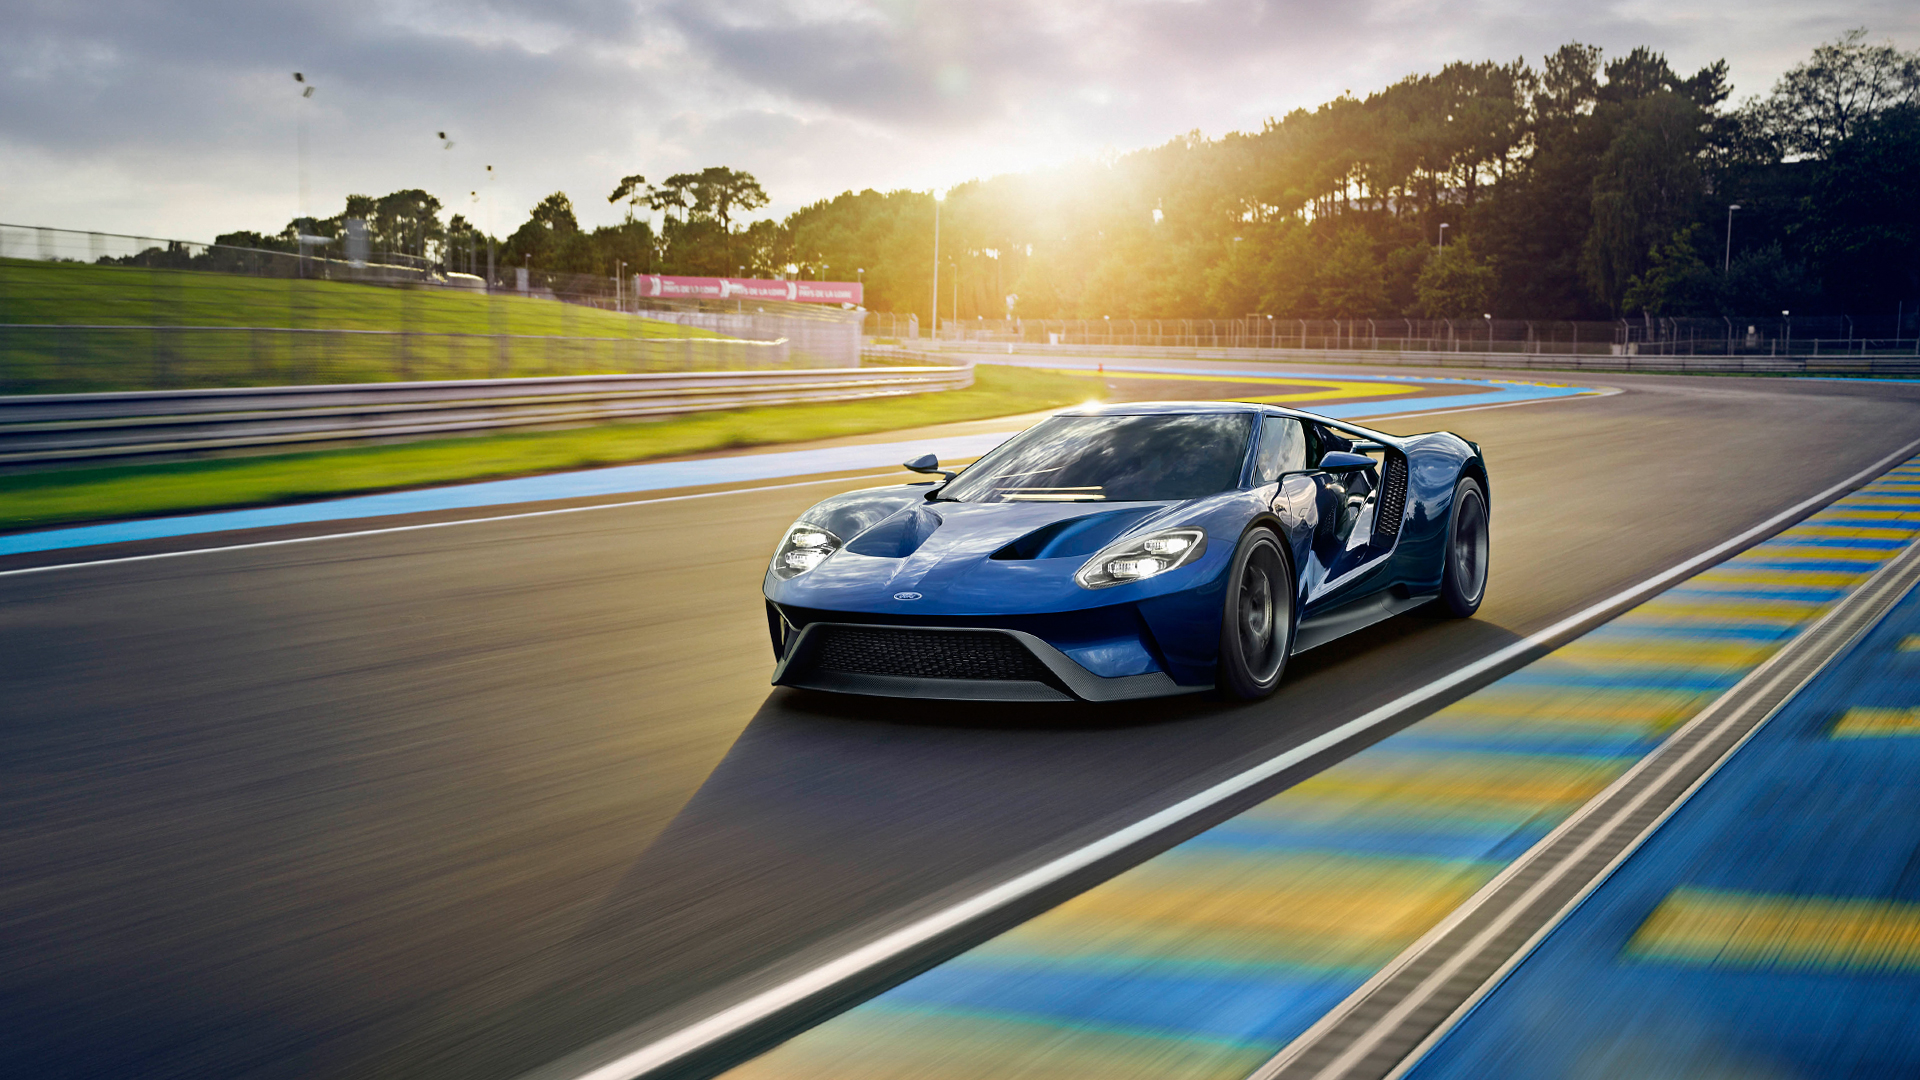 Почему трудно купить суперкар, даже если на него есть деньги: Road and Track. Фото 1